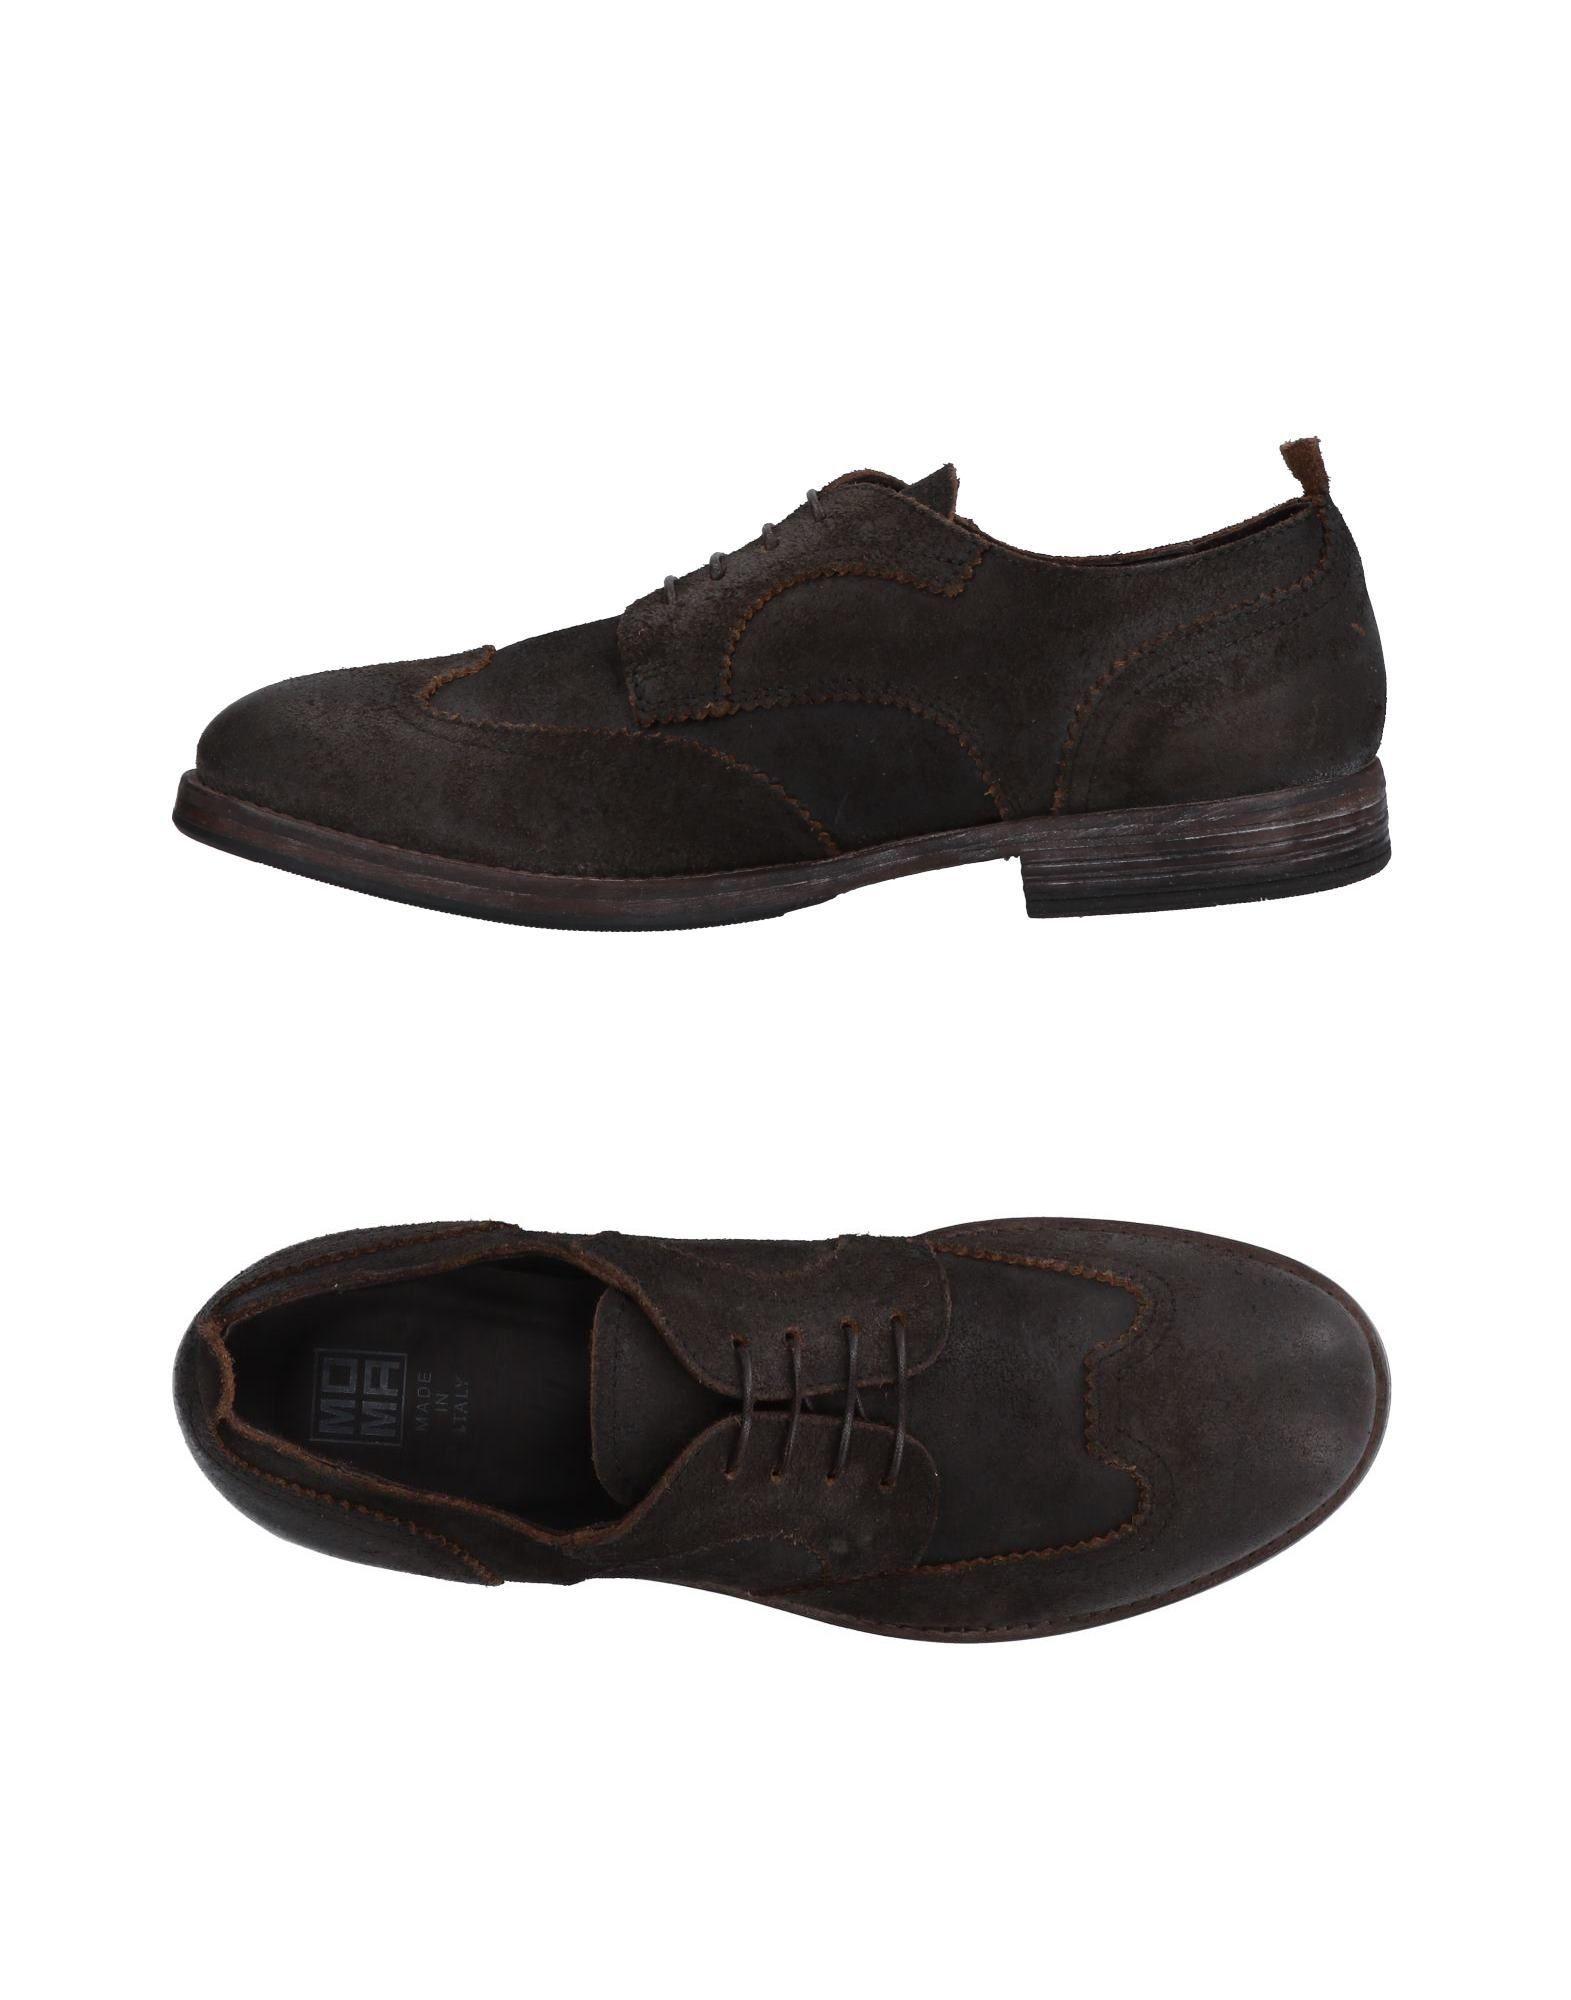 Moma Schnürschuhe Herren  11508791OO Gute Qualität beliebte Schuhe